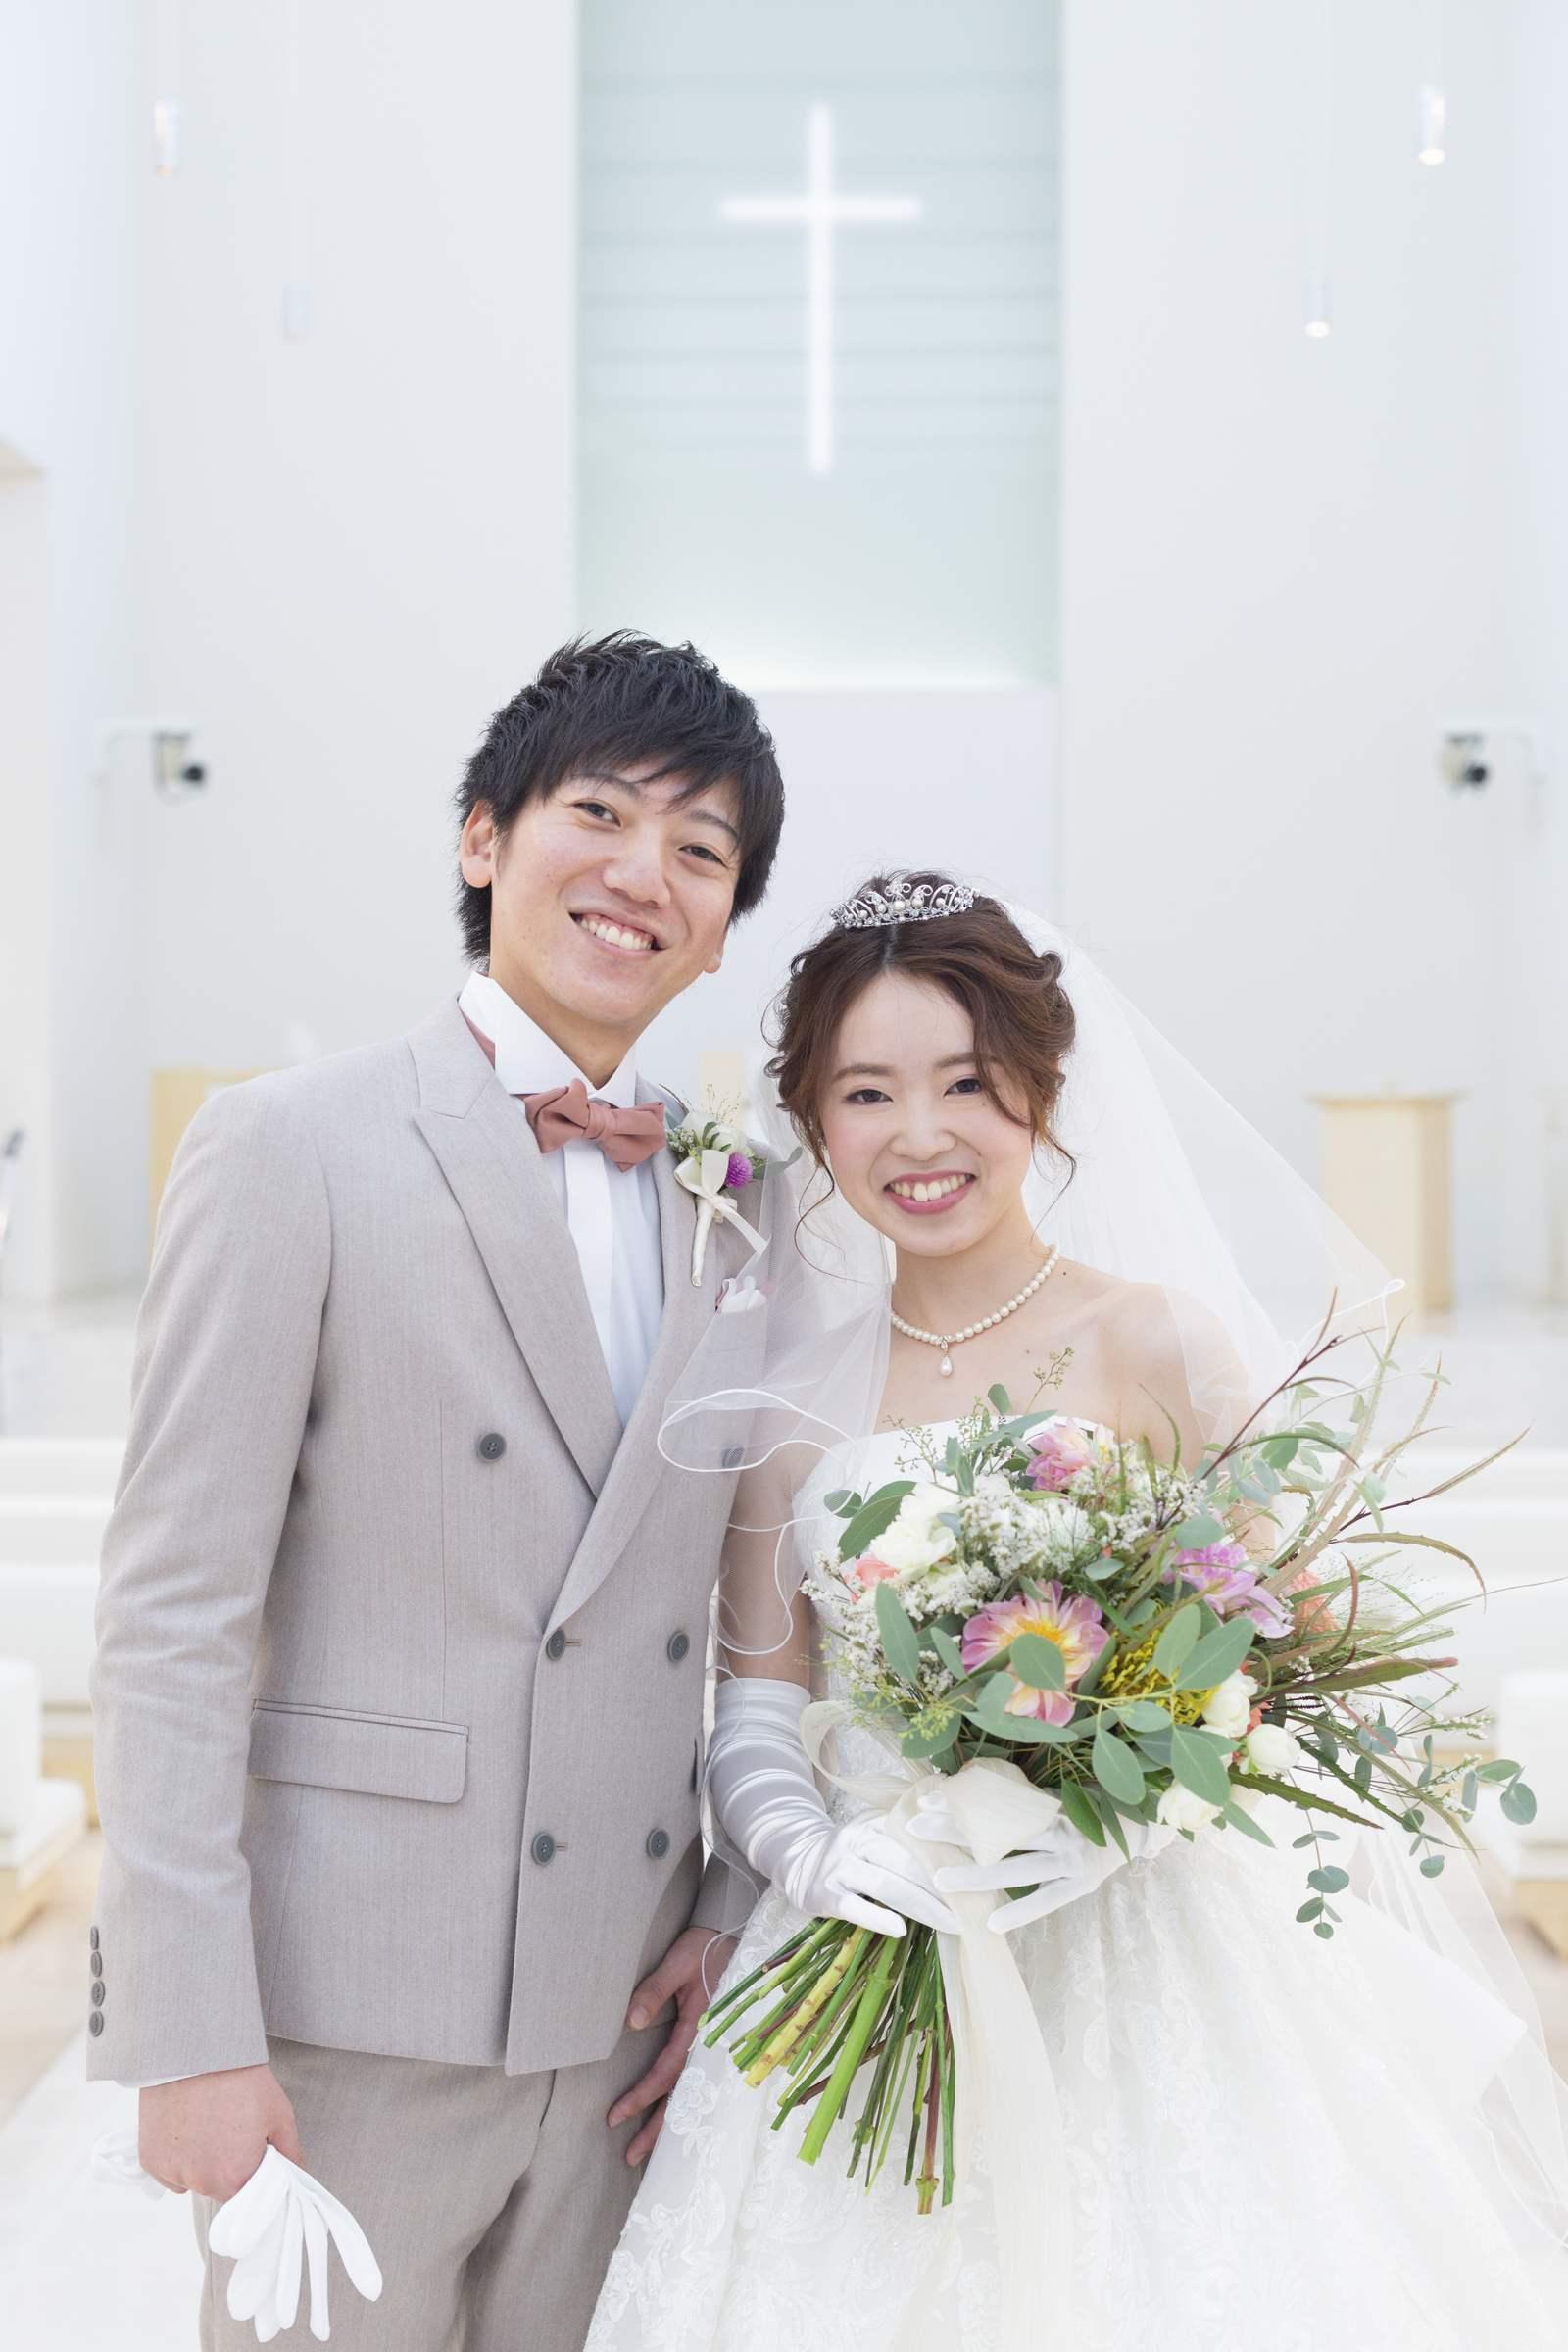 徳島県の結婚式場ブランアンジュのチャペルで記念写真をとる新郎新婦